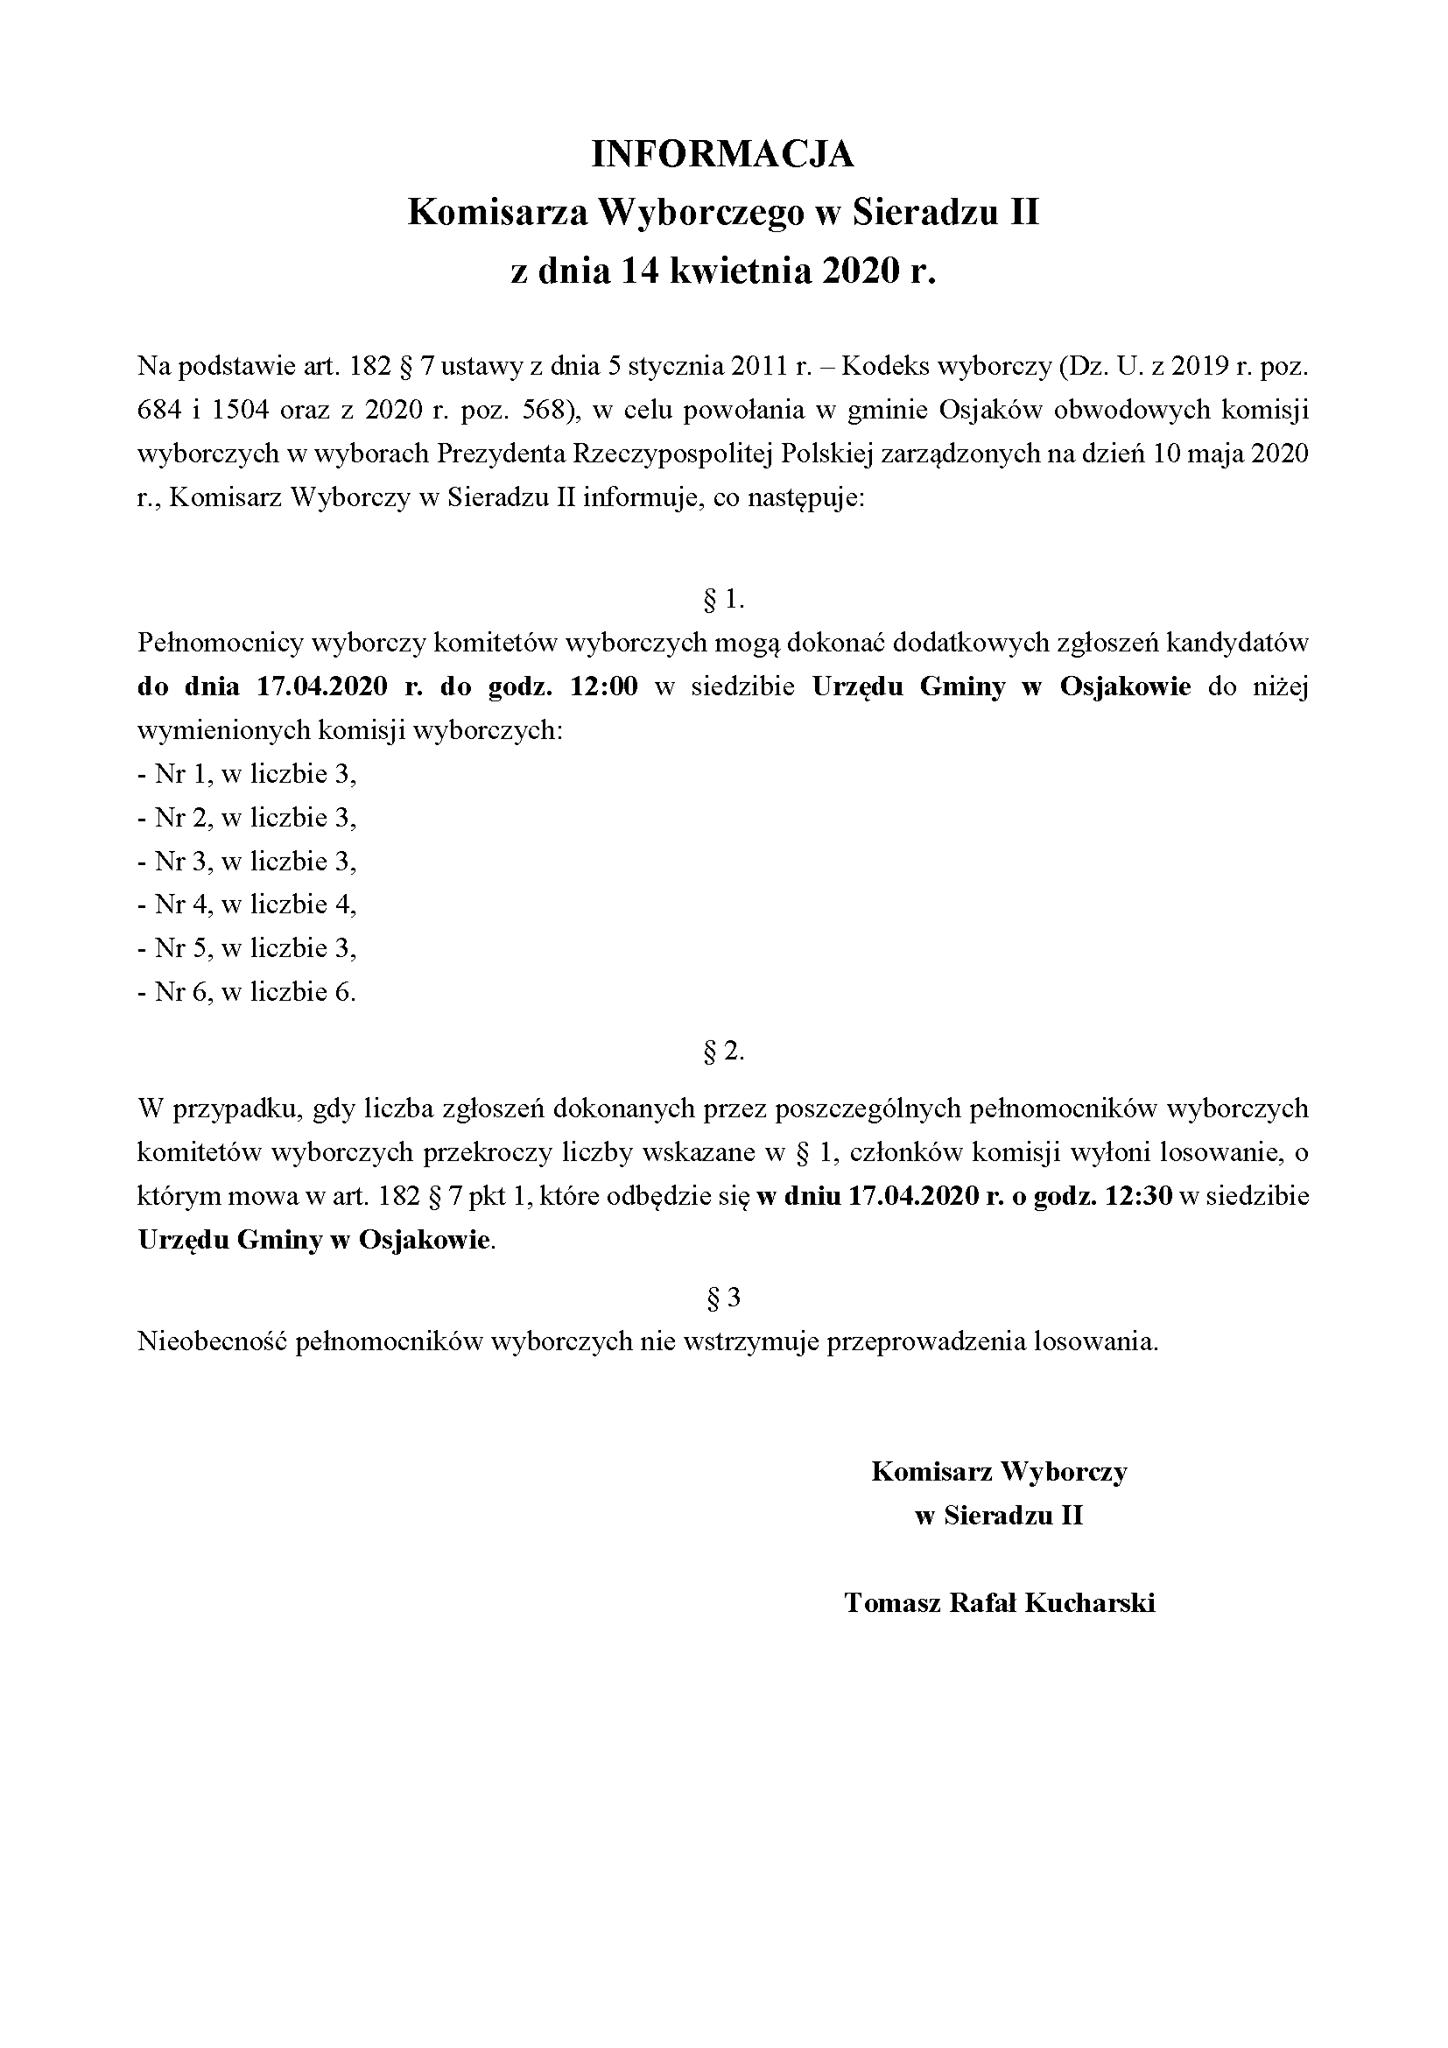 INFORMACJA  Komisarza Wyborczego w Sieradzu II z dnia 14 kwietnia 2020 r.  Na po...